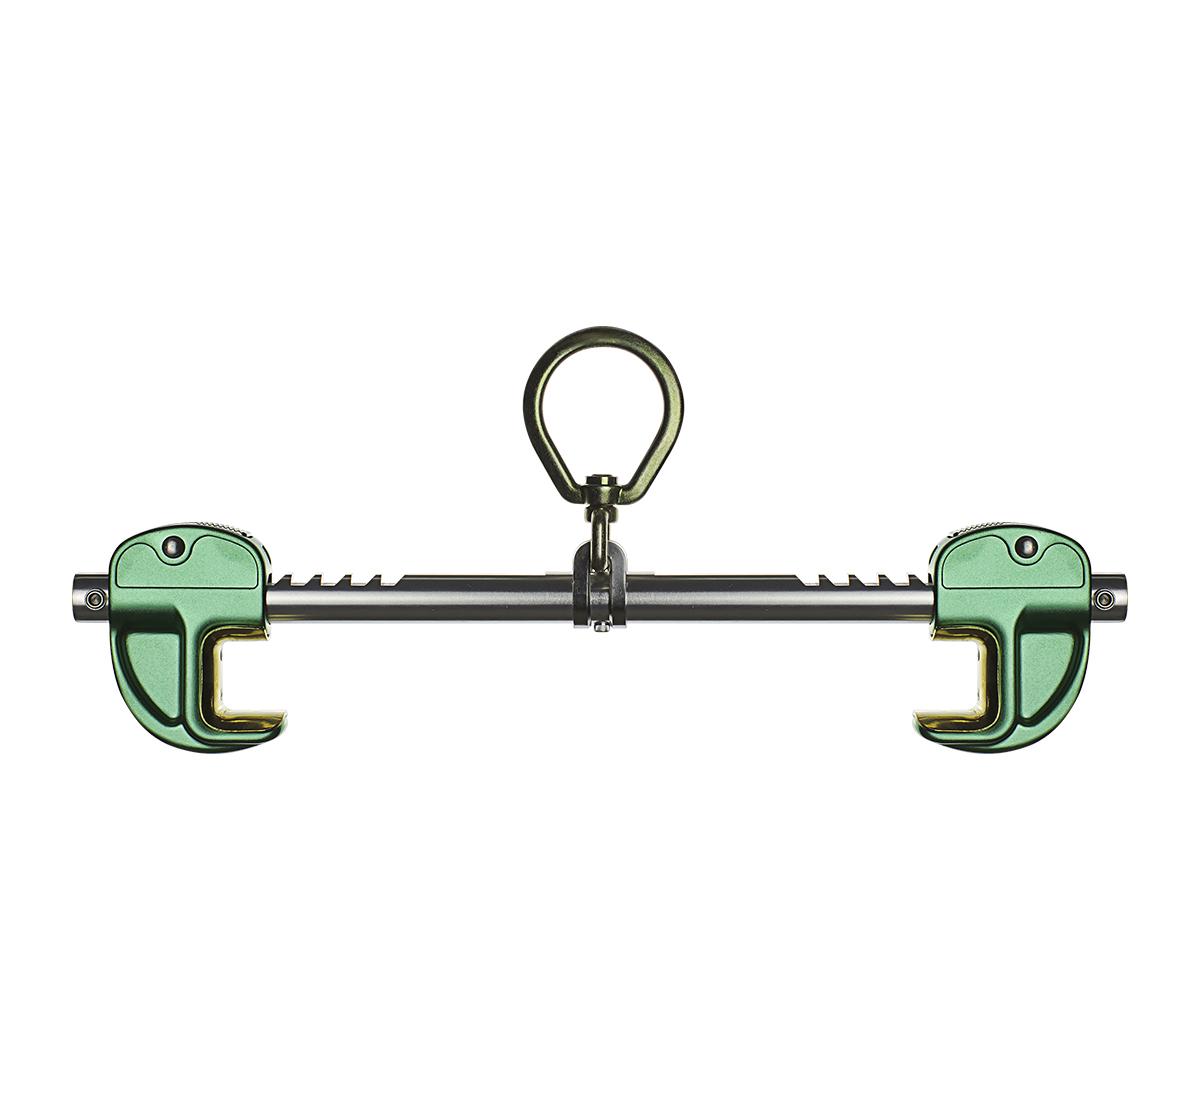 SafeWaze 3-1/2 - 13-1/4 Quality Affordable Beam Anchor